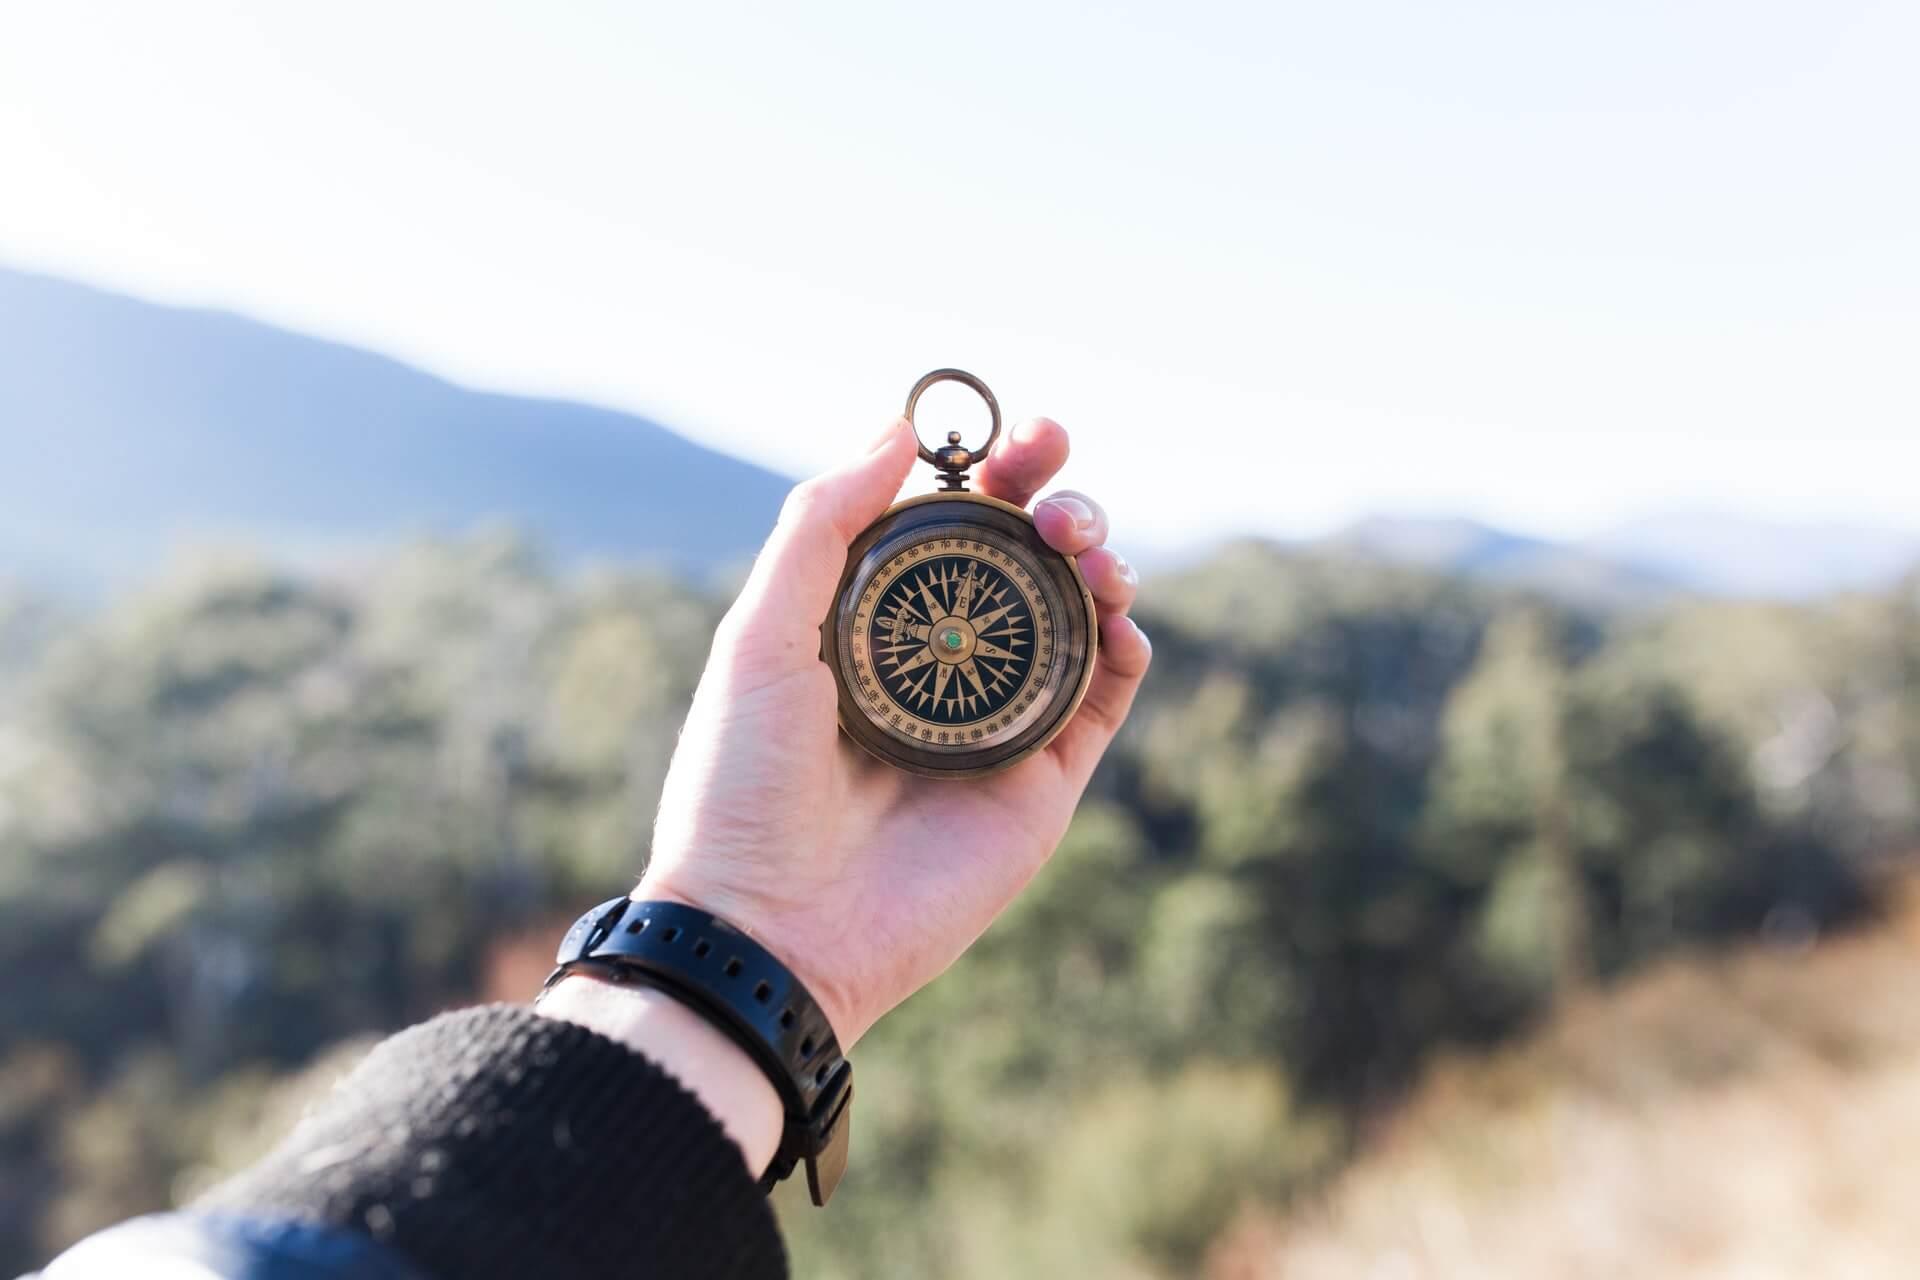 En kompass som symboliserar kundresan